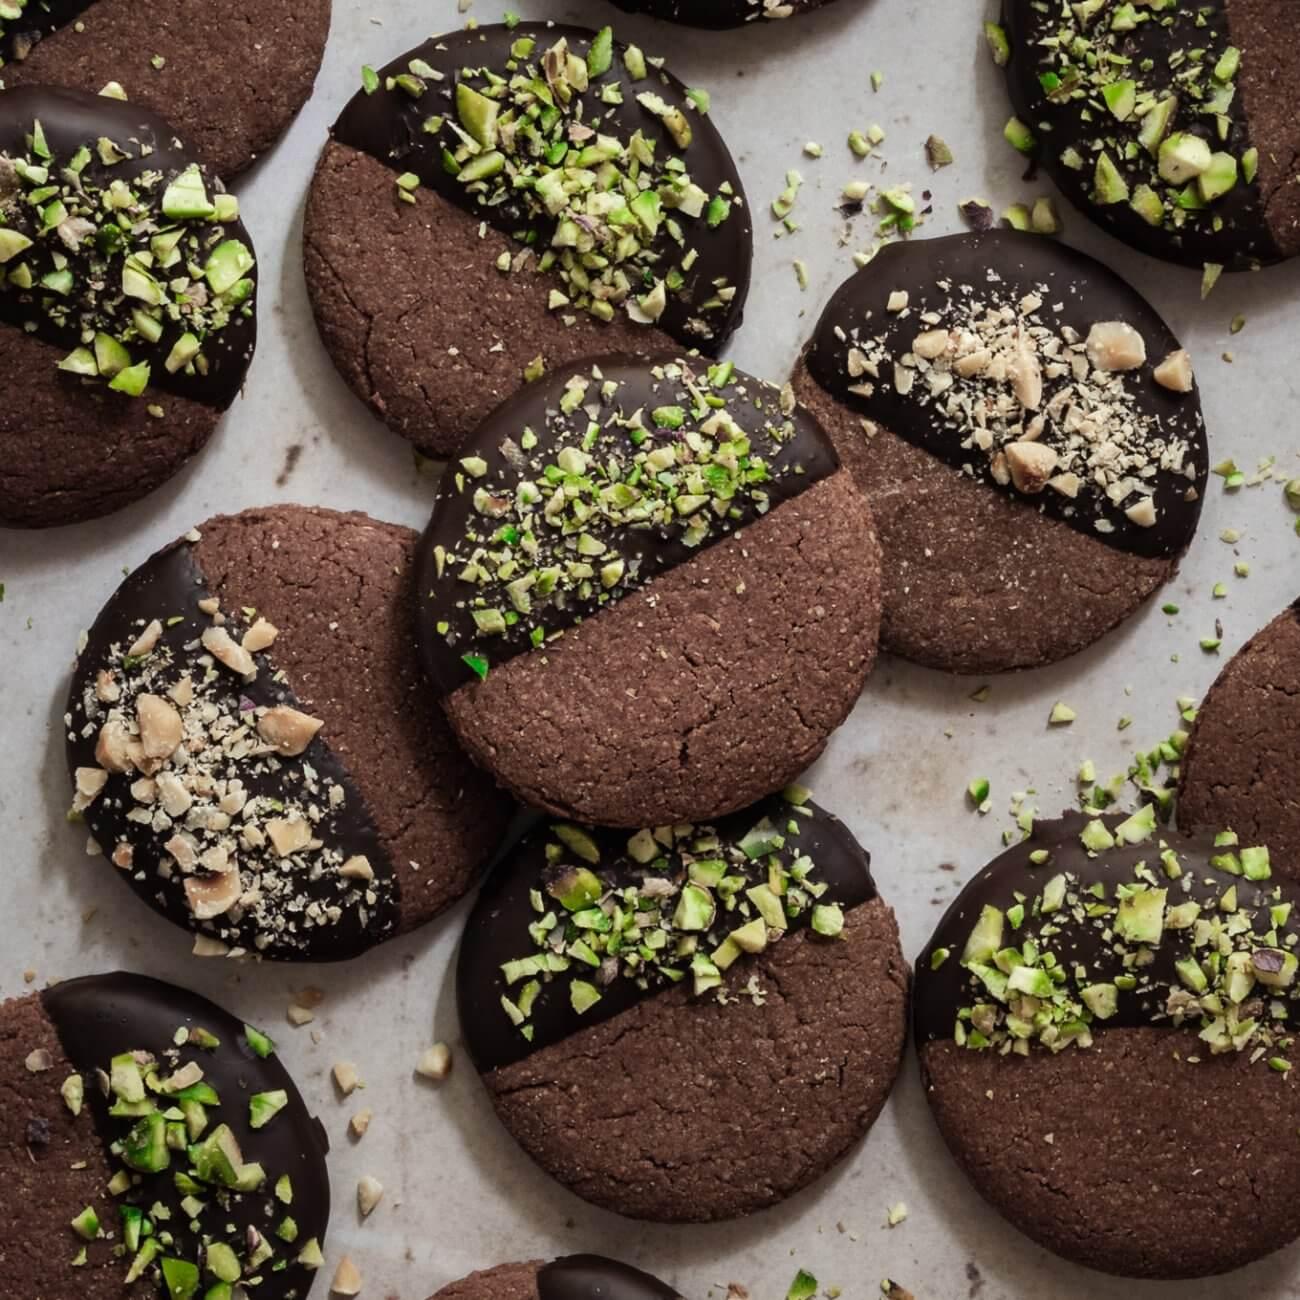 Frollini al cacao con glassa al cioccolato e granella di pistacchi e nocciole